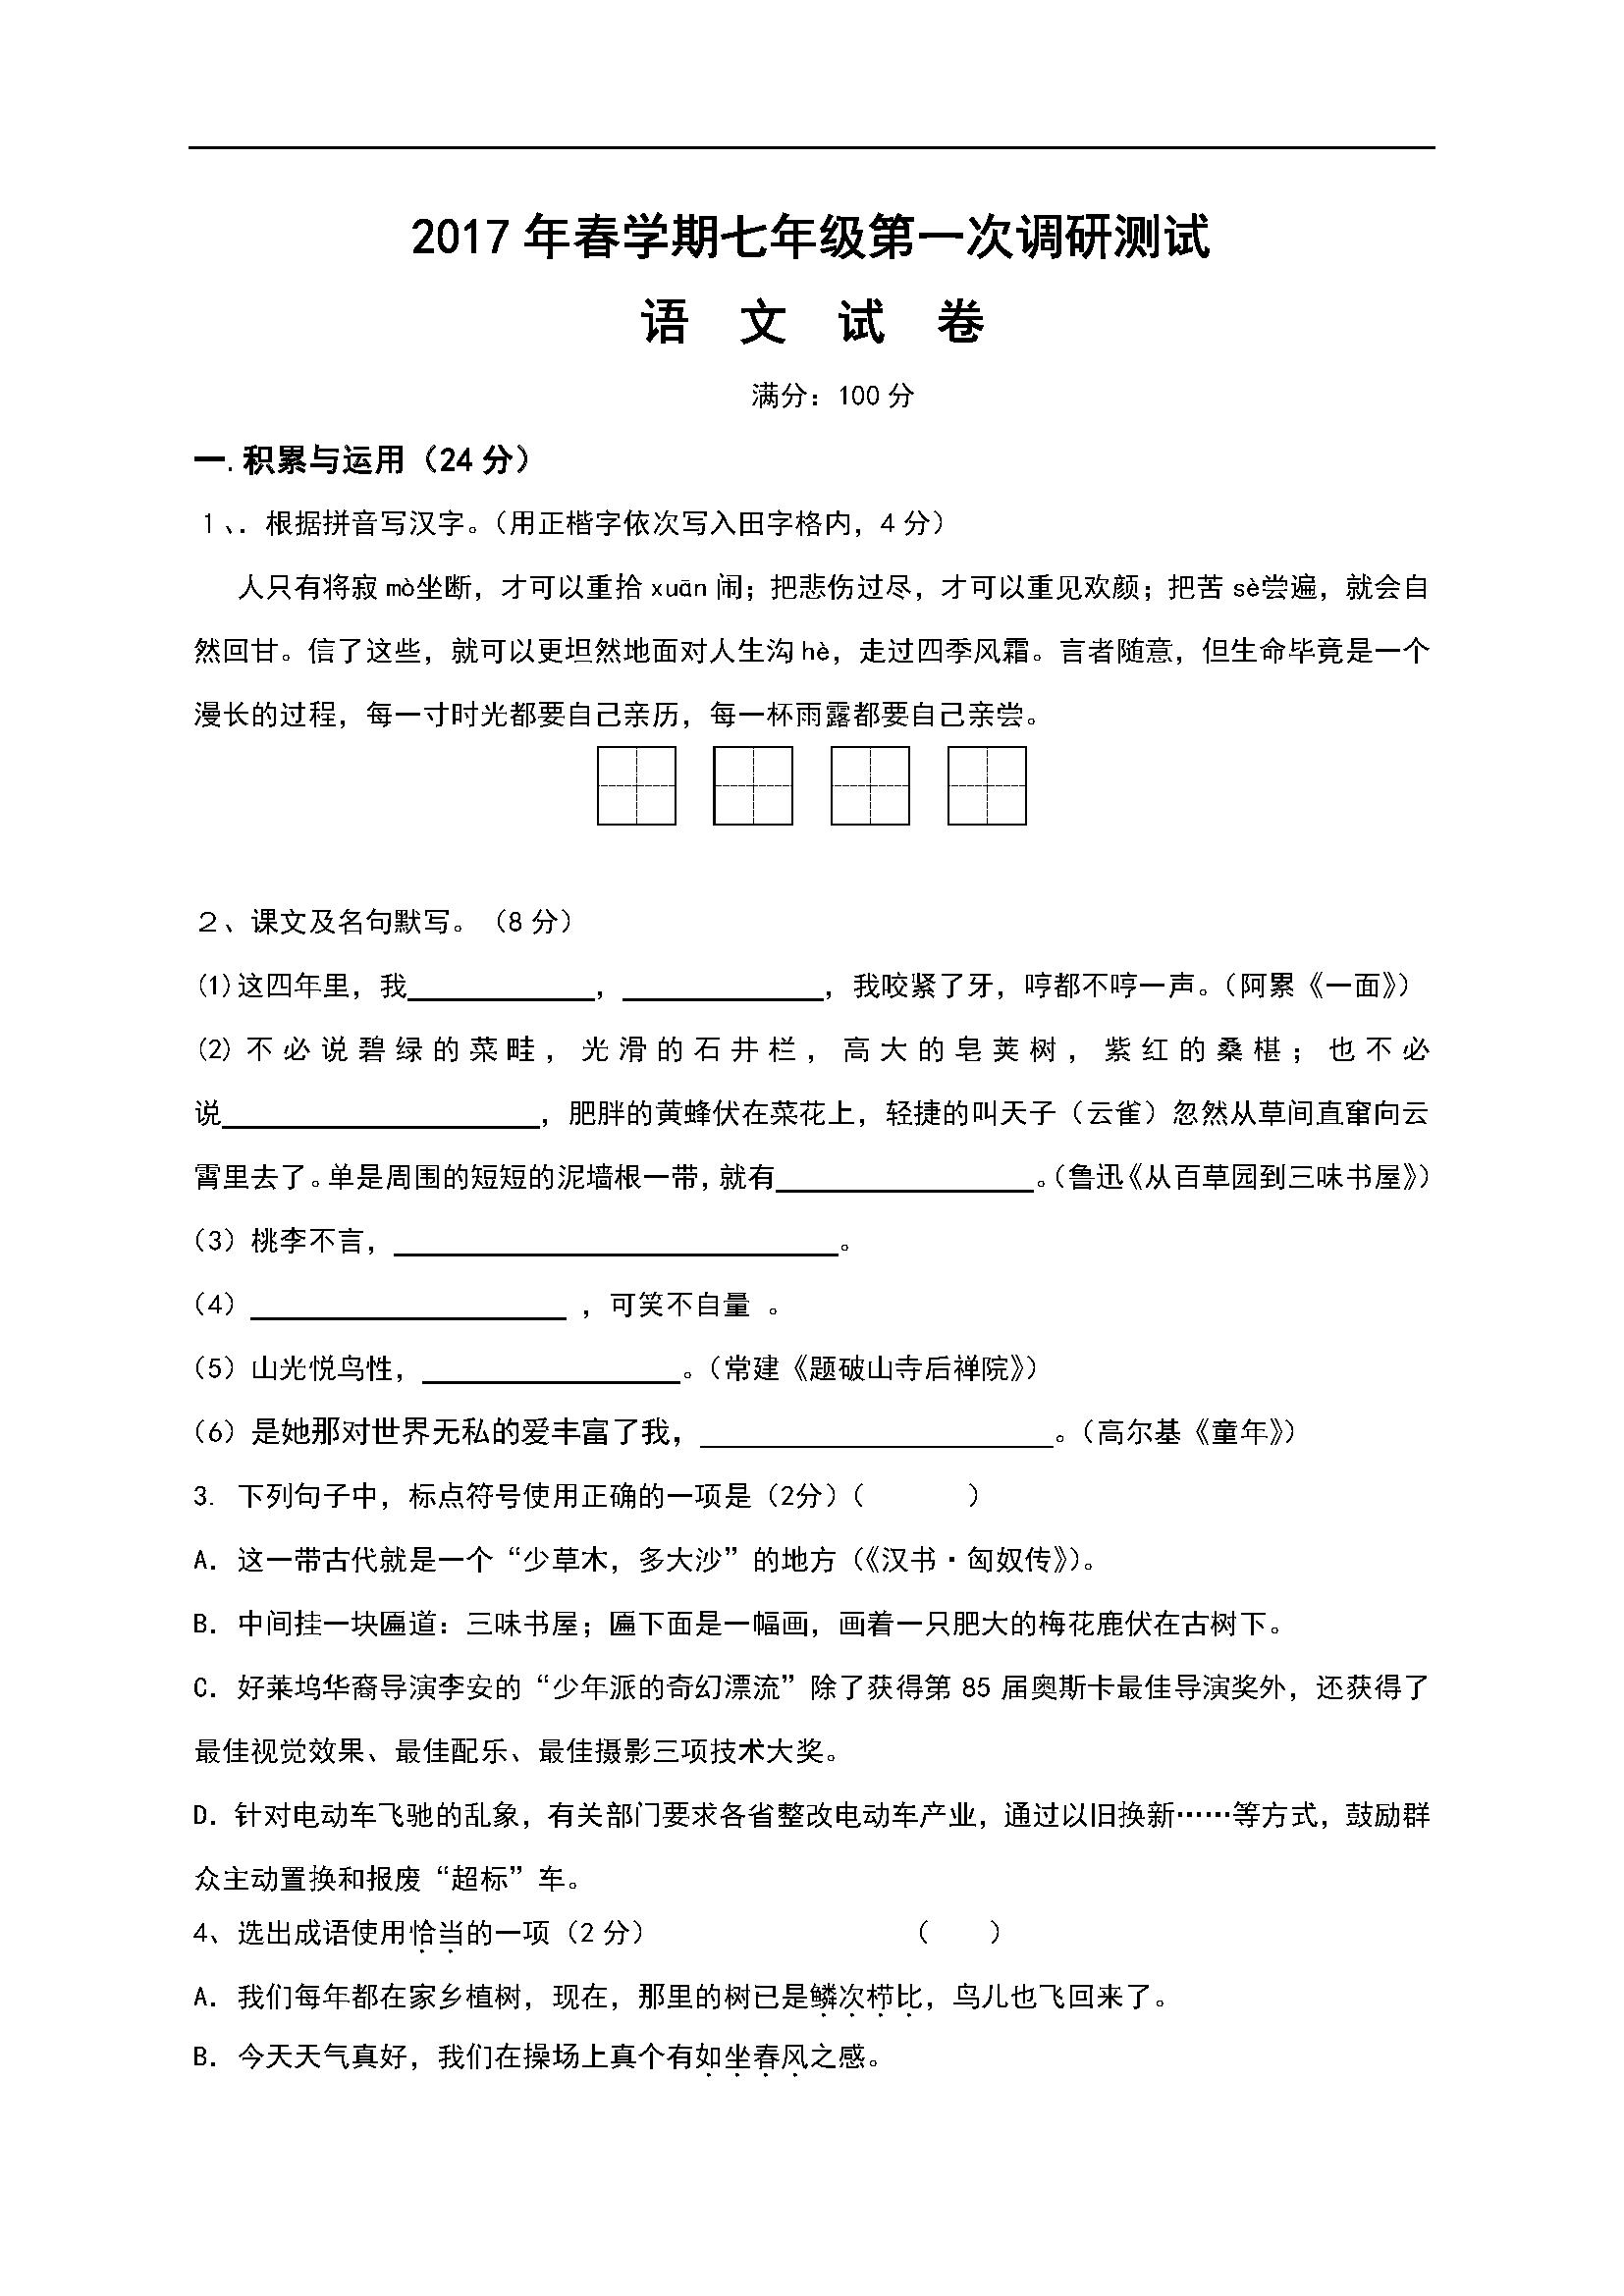 2017江苏靖江七年级下第一次独立作业语文试题(图片版)